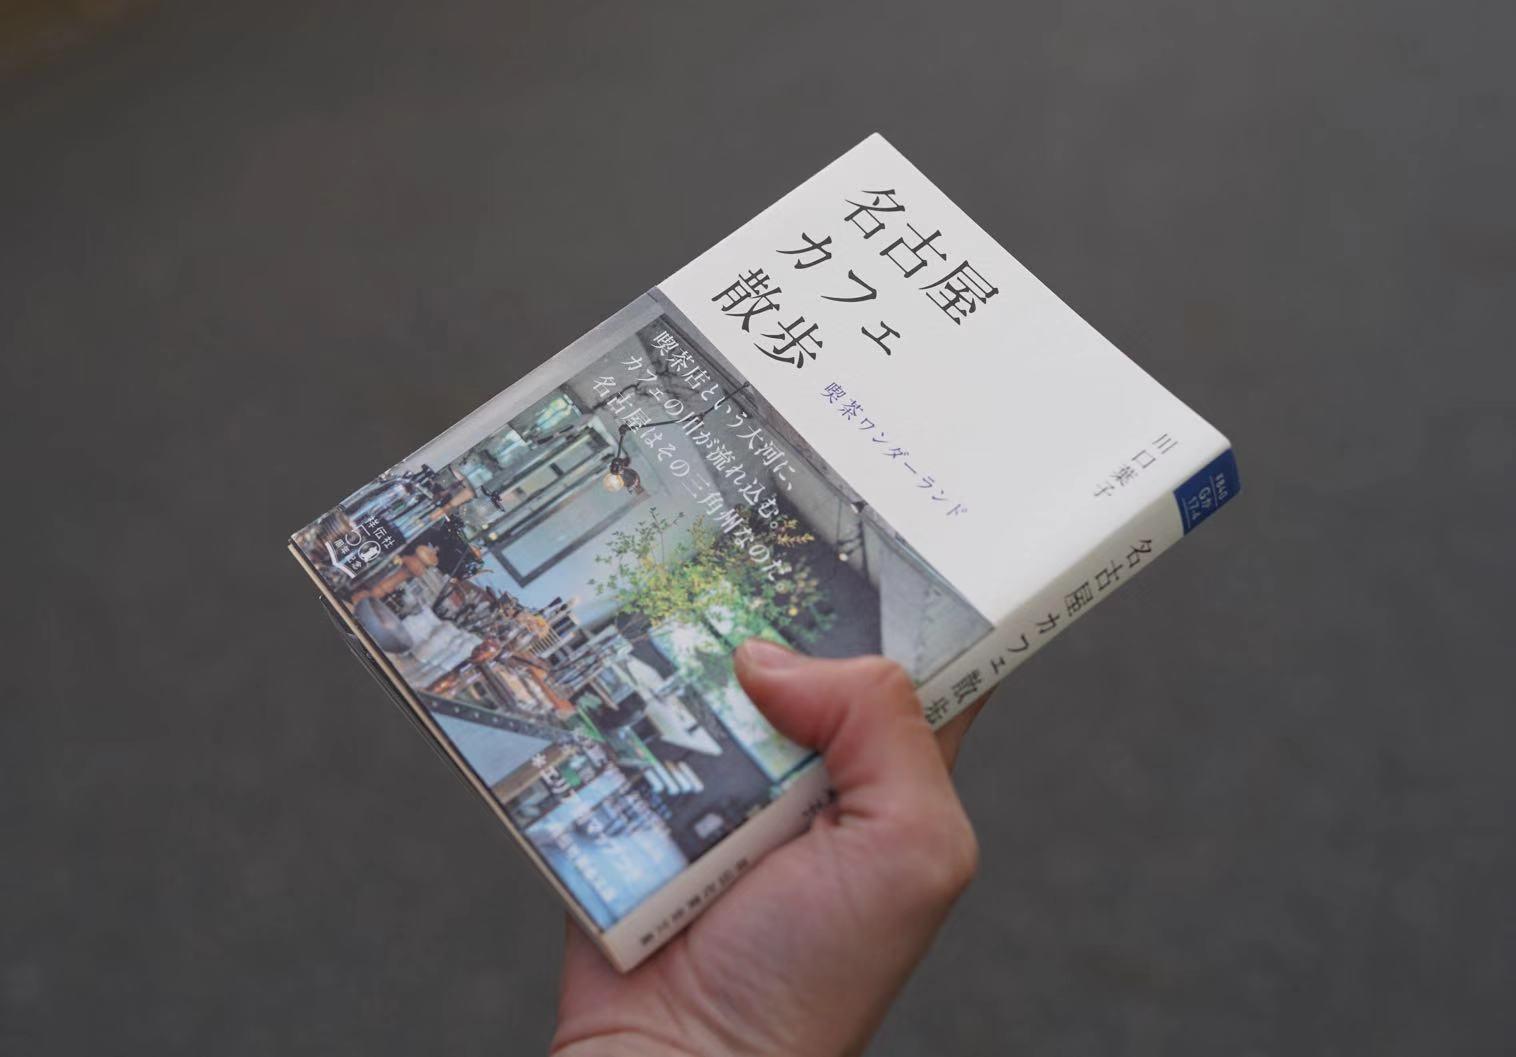 """上前津のギャラリー&カフェ「THE SHOP 十二ヵ月」で始める""""丁寧な暮らし"""" - jyuni13"""